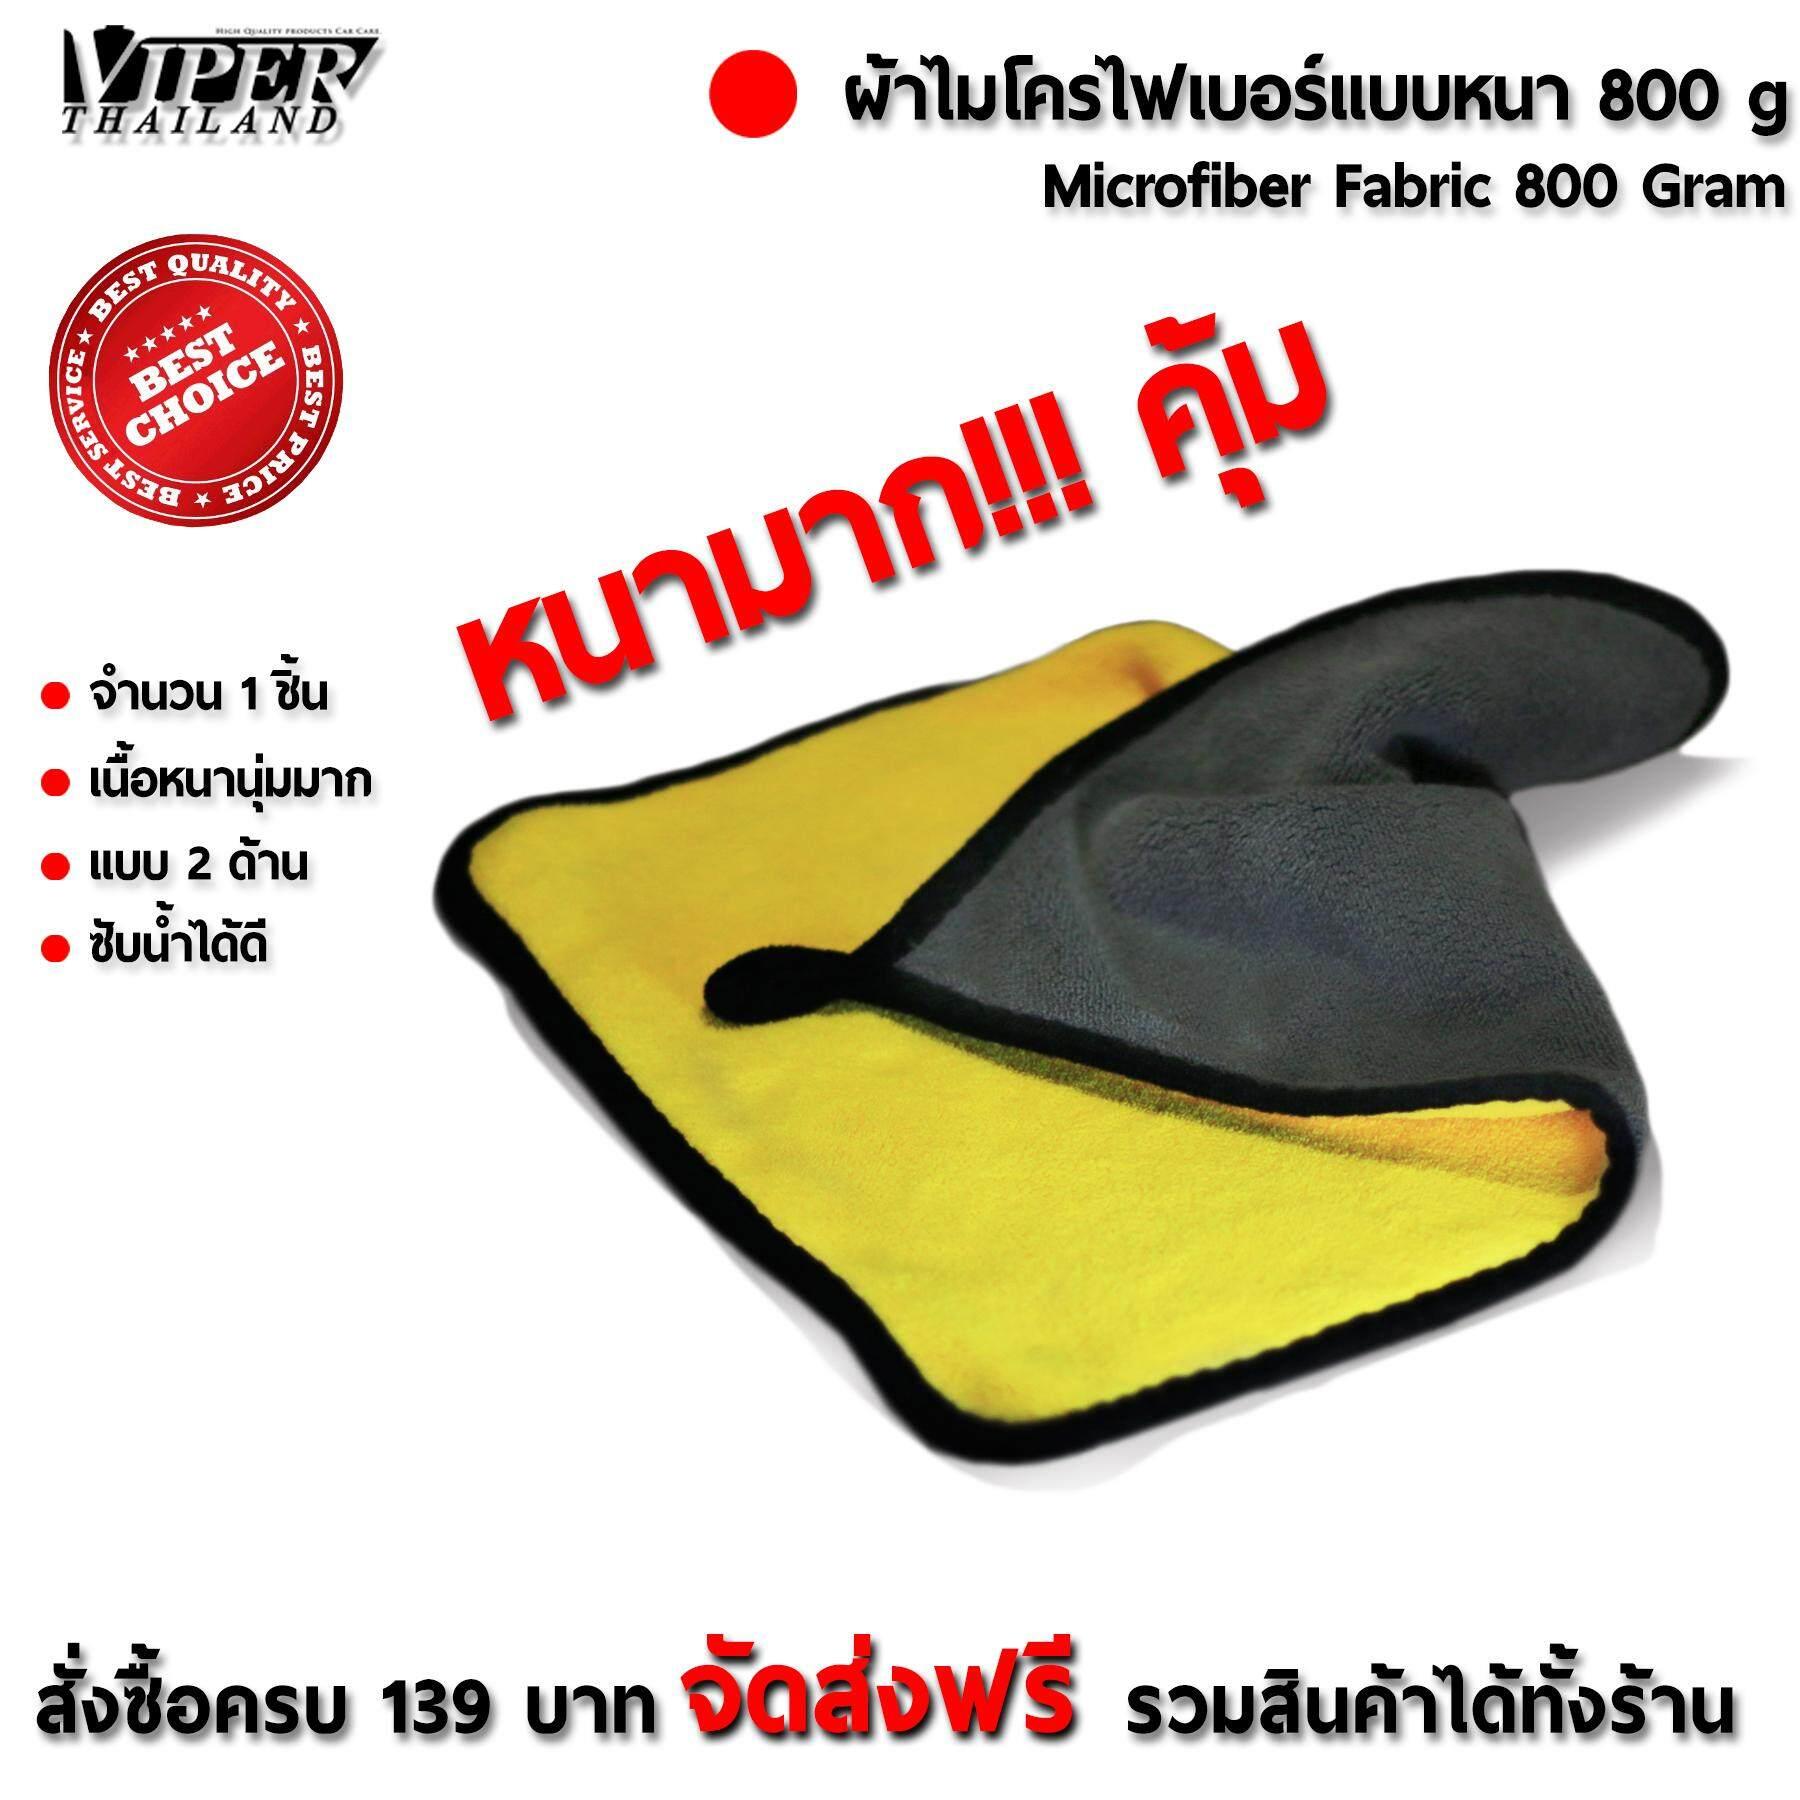 ผ้าไมโครไฟเบอร์ หนามาก 800 กรัม ขนาด40*30 Cm ผ้าเช็ดรถ ผ้าไมโครไฟเบอร์ Microfiber Cleaning Cloth ผ้าเช็ดทำความสะอาด ผ้าเอนกประสงค์ คละสี-เทา By Viper Thailand.